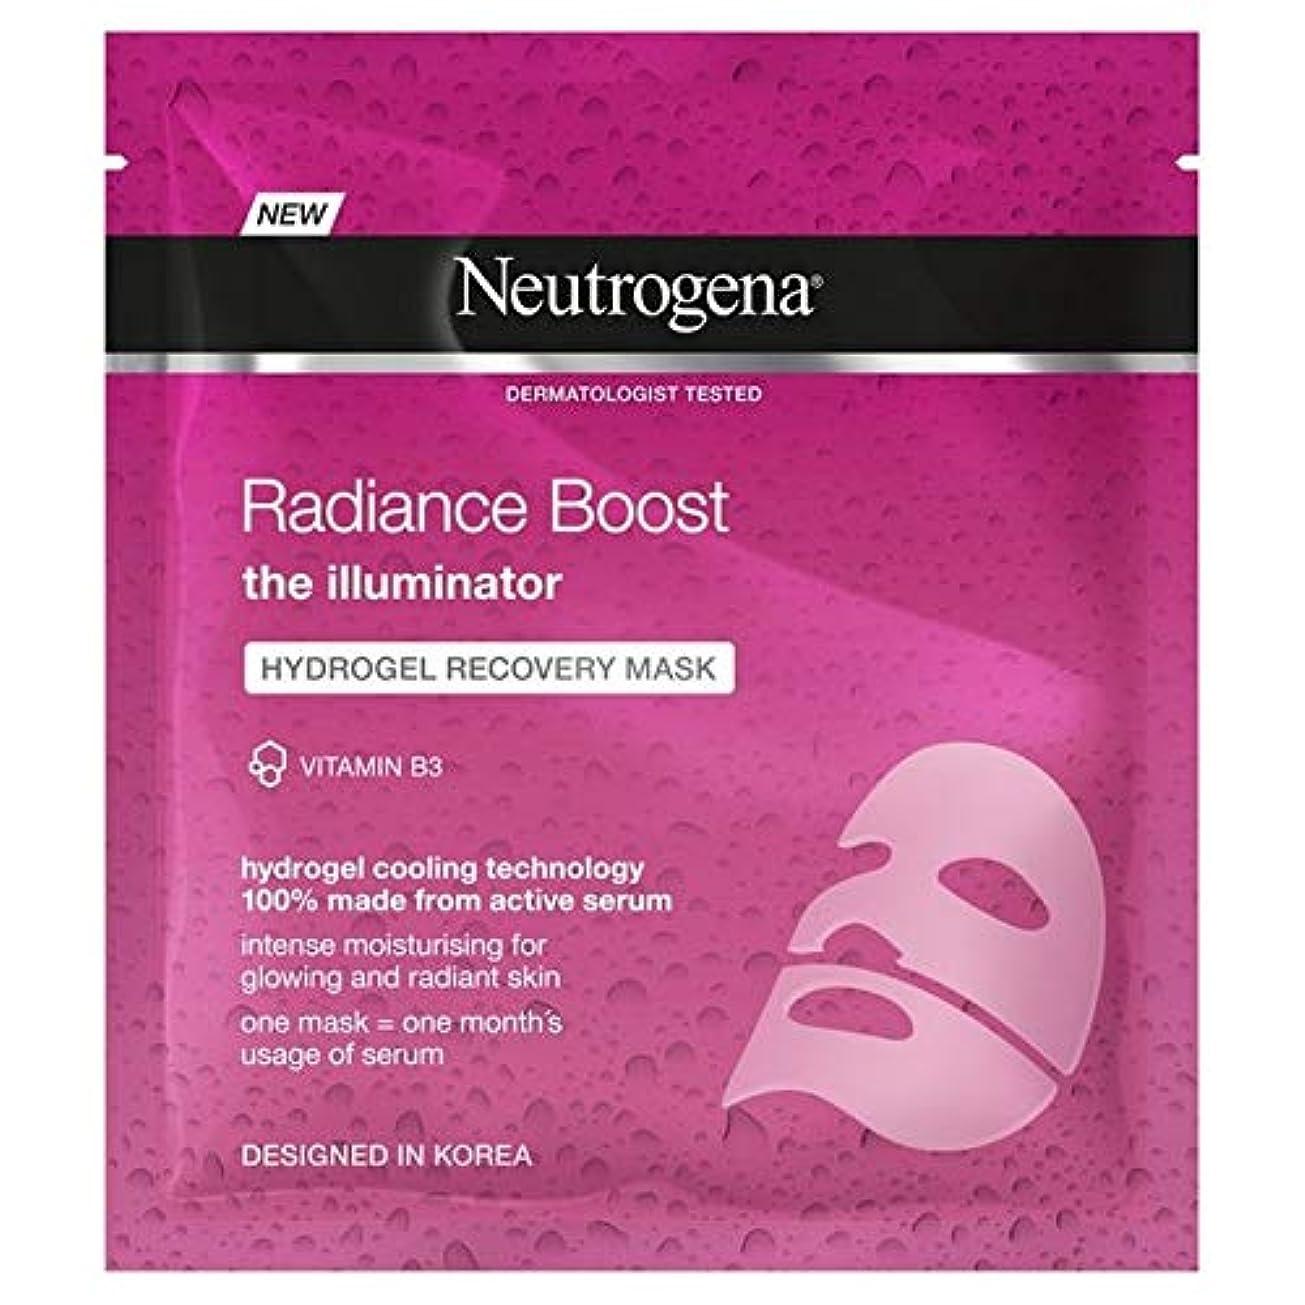 無視できる割り当てるバケツ[Neutrogena] ニュートロジーナ放射輝度ブーストハイドロゲルマスク30ミリリットル - Neutrogena Radiance Boost Hydrogel Mask 30ml [並行輸入品]